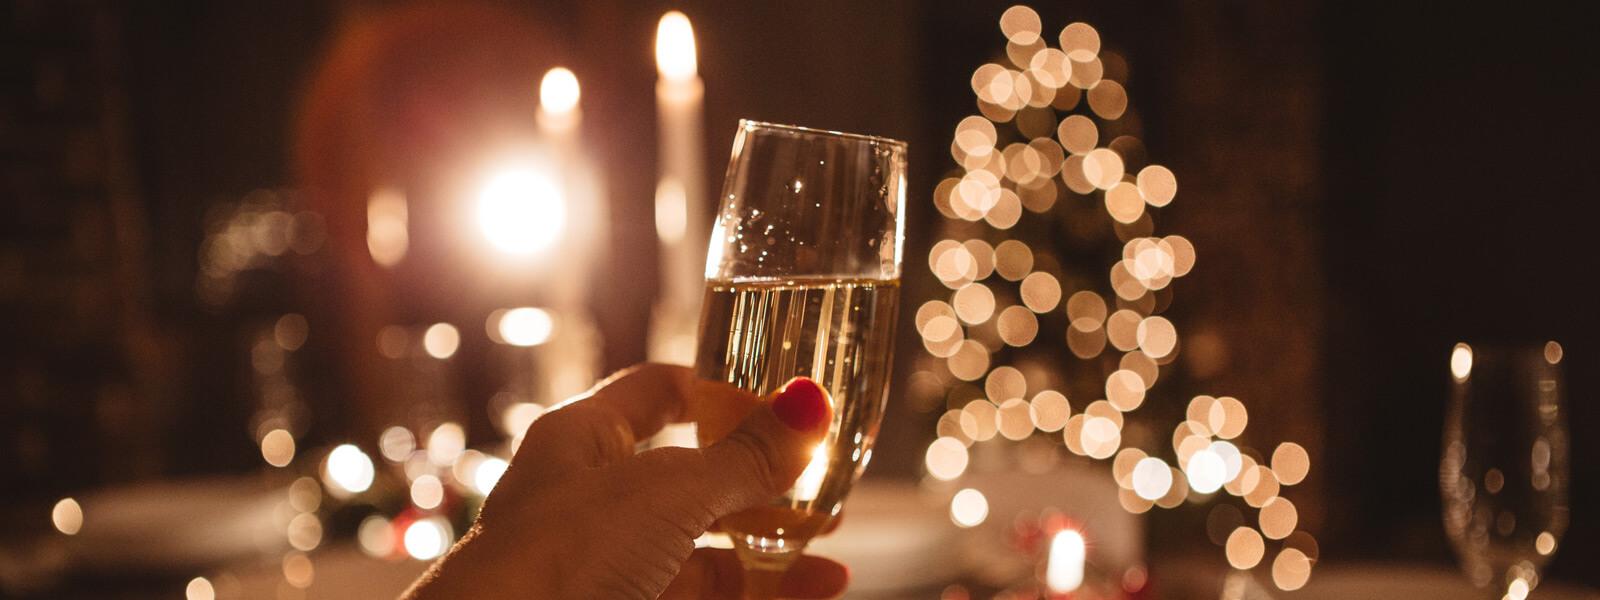 festlich, Essen, Champagner, Regina Maris, Weihanchtsbüfett, Ostfriesland, Norden, Norddeich